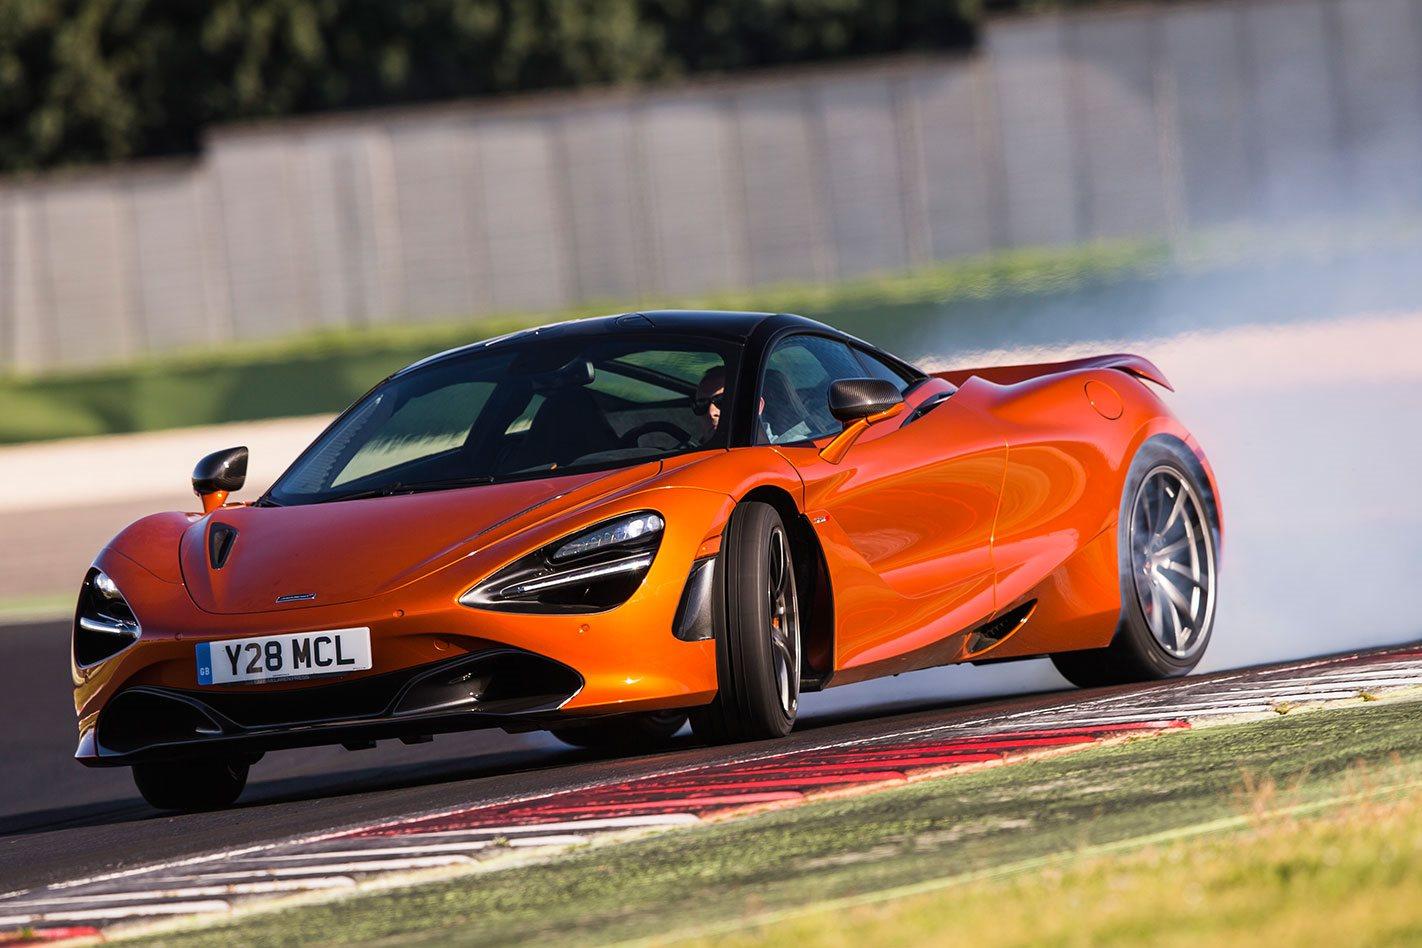 mclaren: f1 woes won't affect road car sales